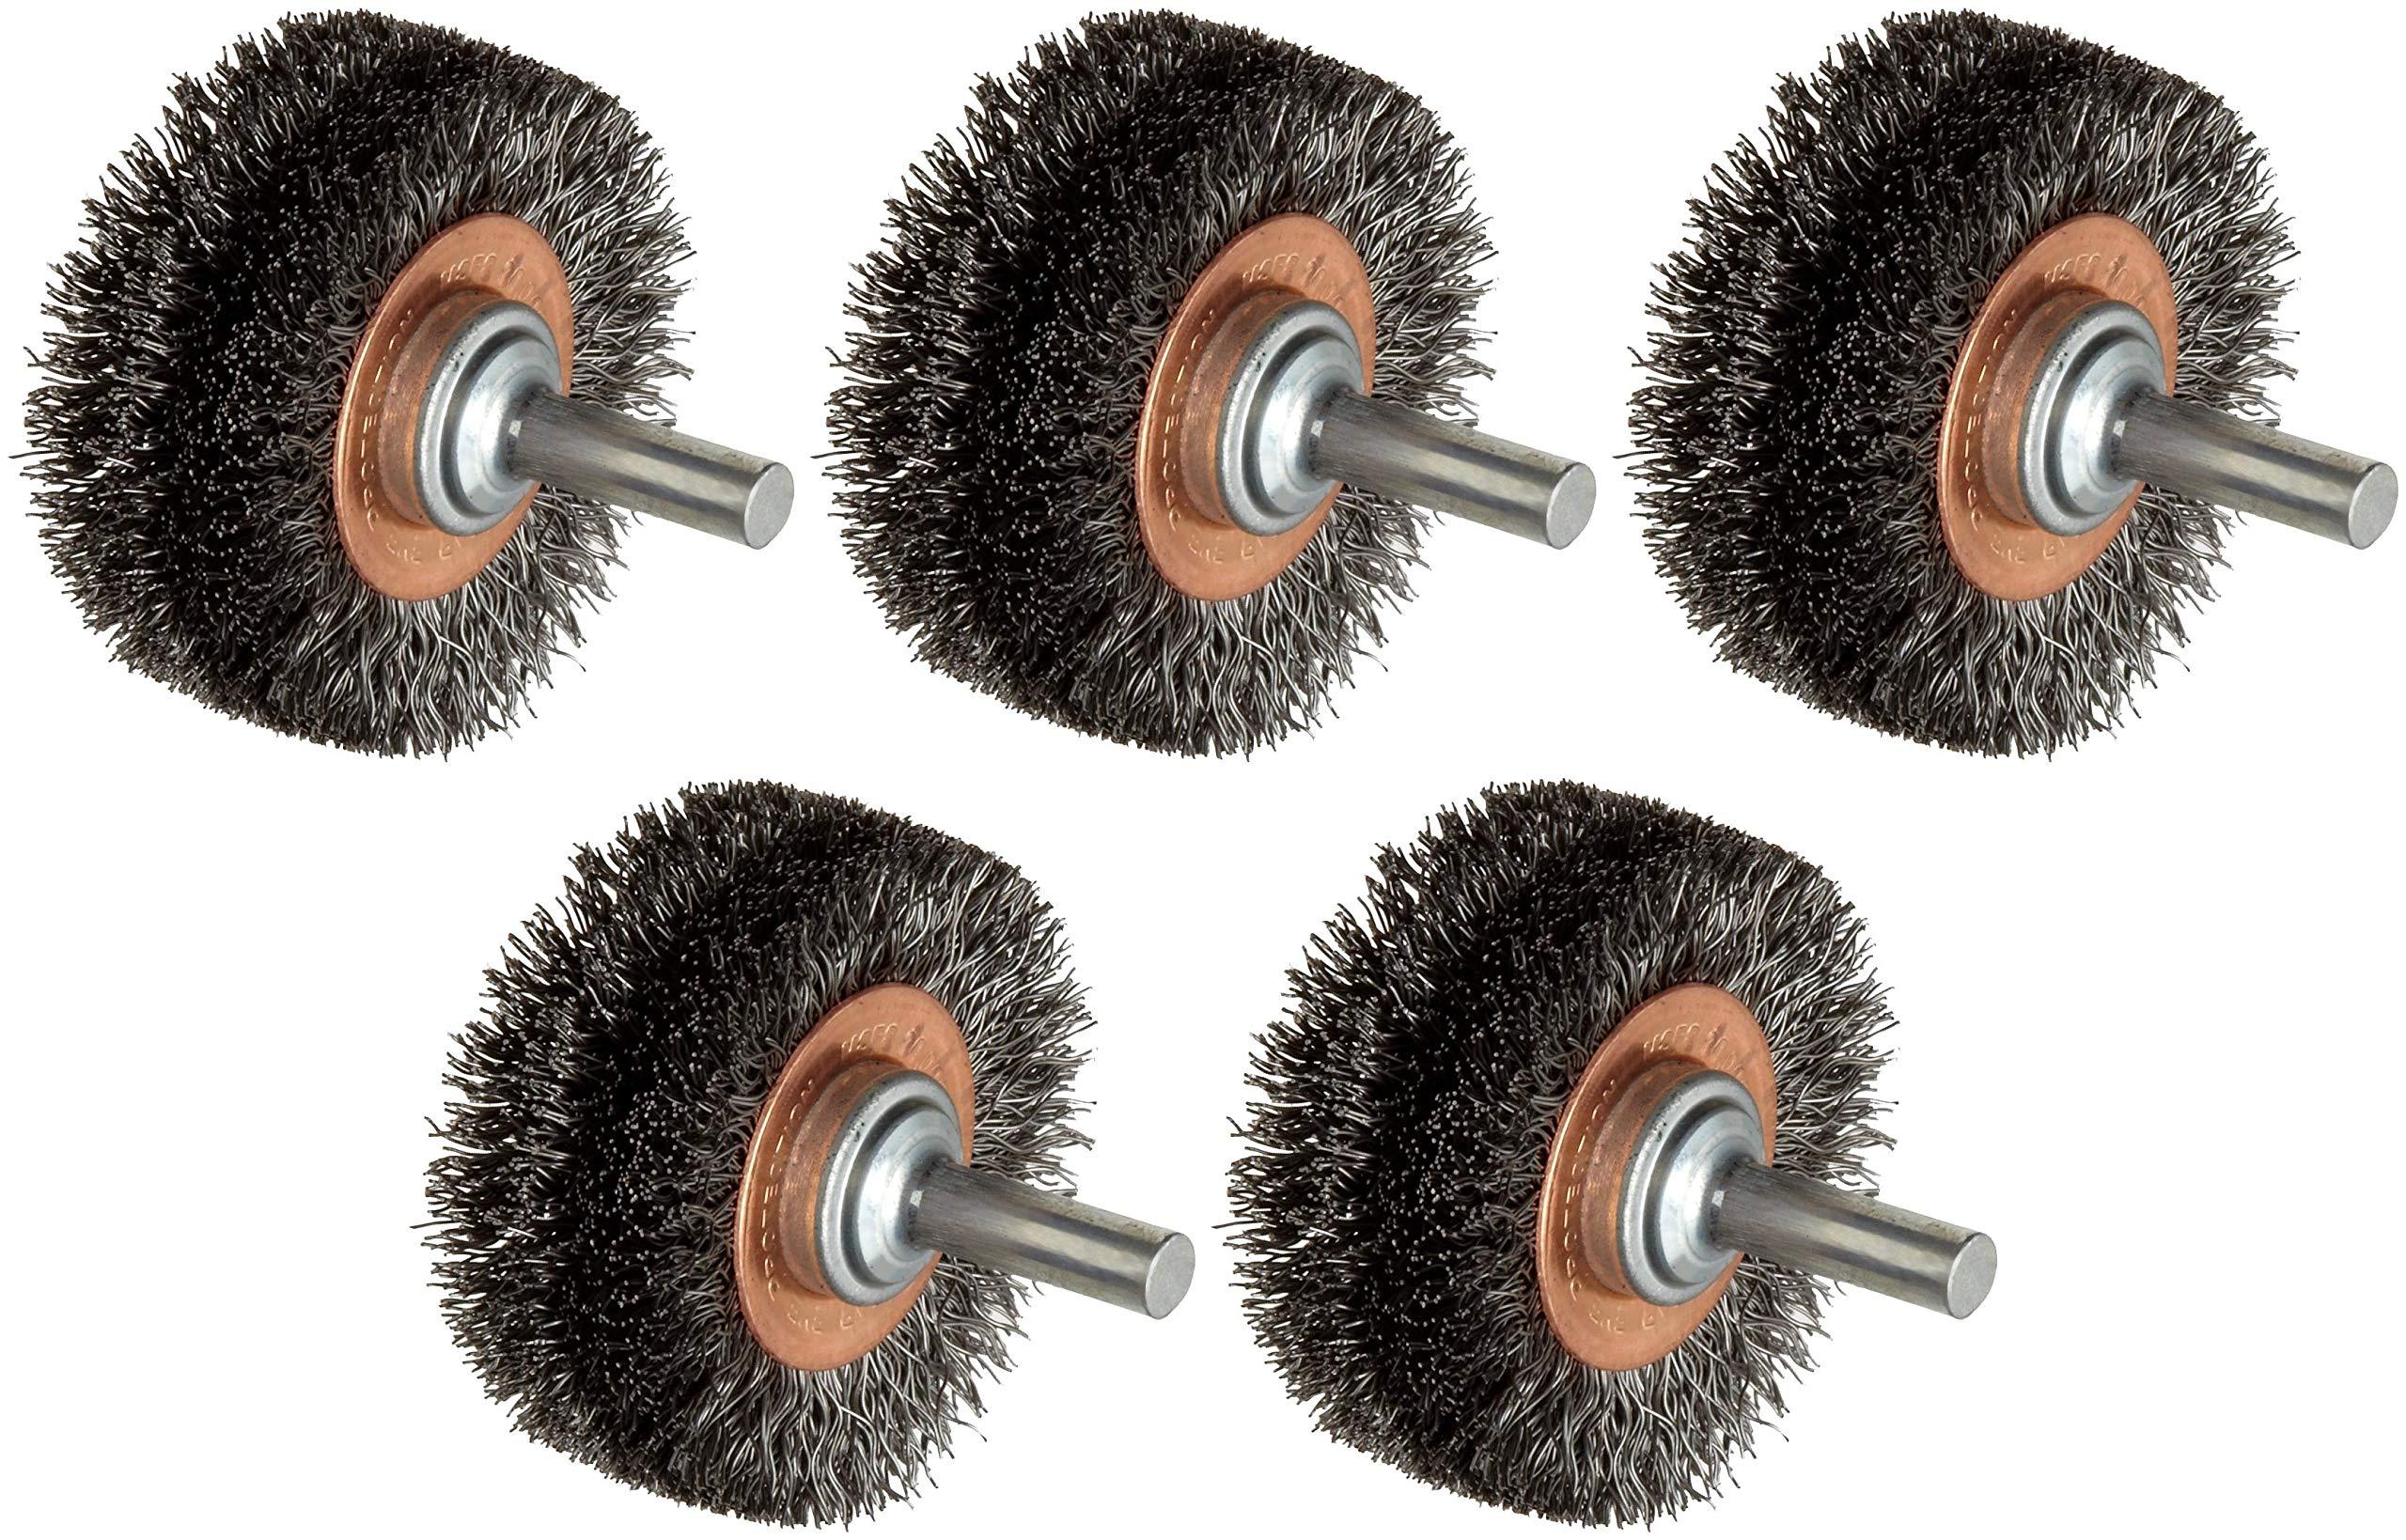 Weiler Wide Face Wire Wheel Conflex Brush, Round Shank, Steel, Crimped Wire, 2'' Diameter, 0.0118'' Wire Diameter, 1/4'' Shank, 7/16'' Bristle Length, 3/4'' Brush Face Width, 20000 RPM (Вundlе оf Fіvе)